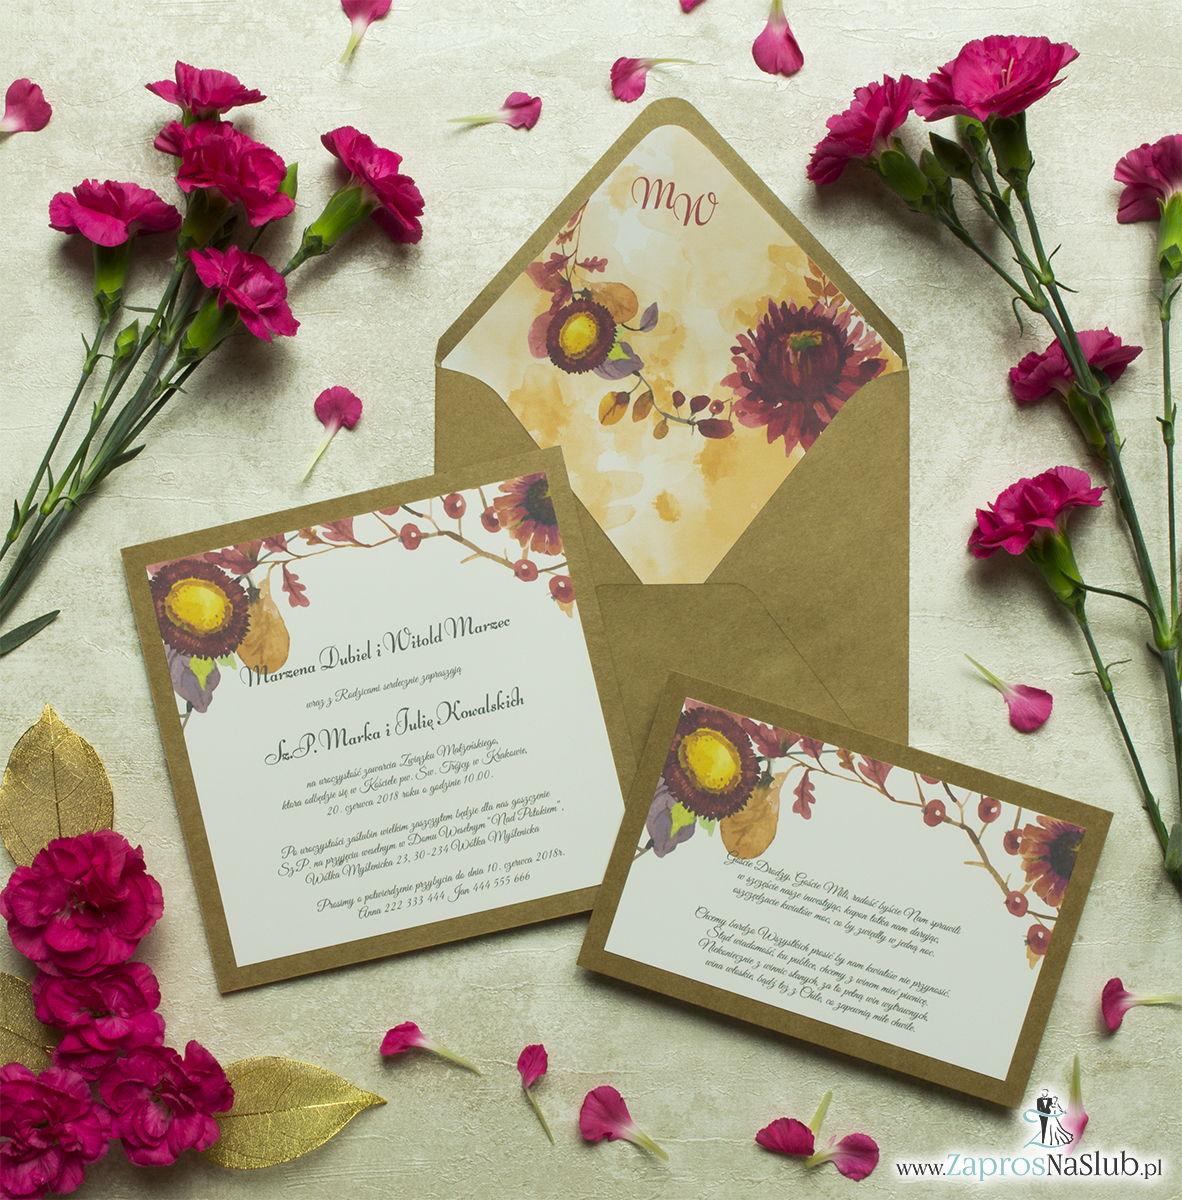 Dwuczęściowe, kwiatowe zaproszenia ślubne w stylu eko, z jesiennymi kwiatami, liśćmi dębu oraz jarzębiną. ZAP-76-02